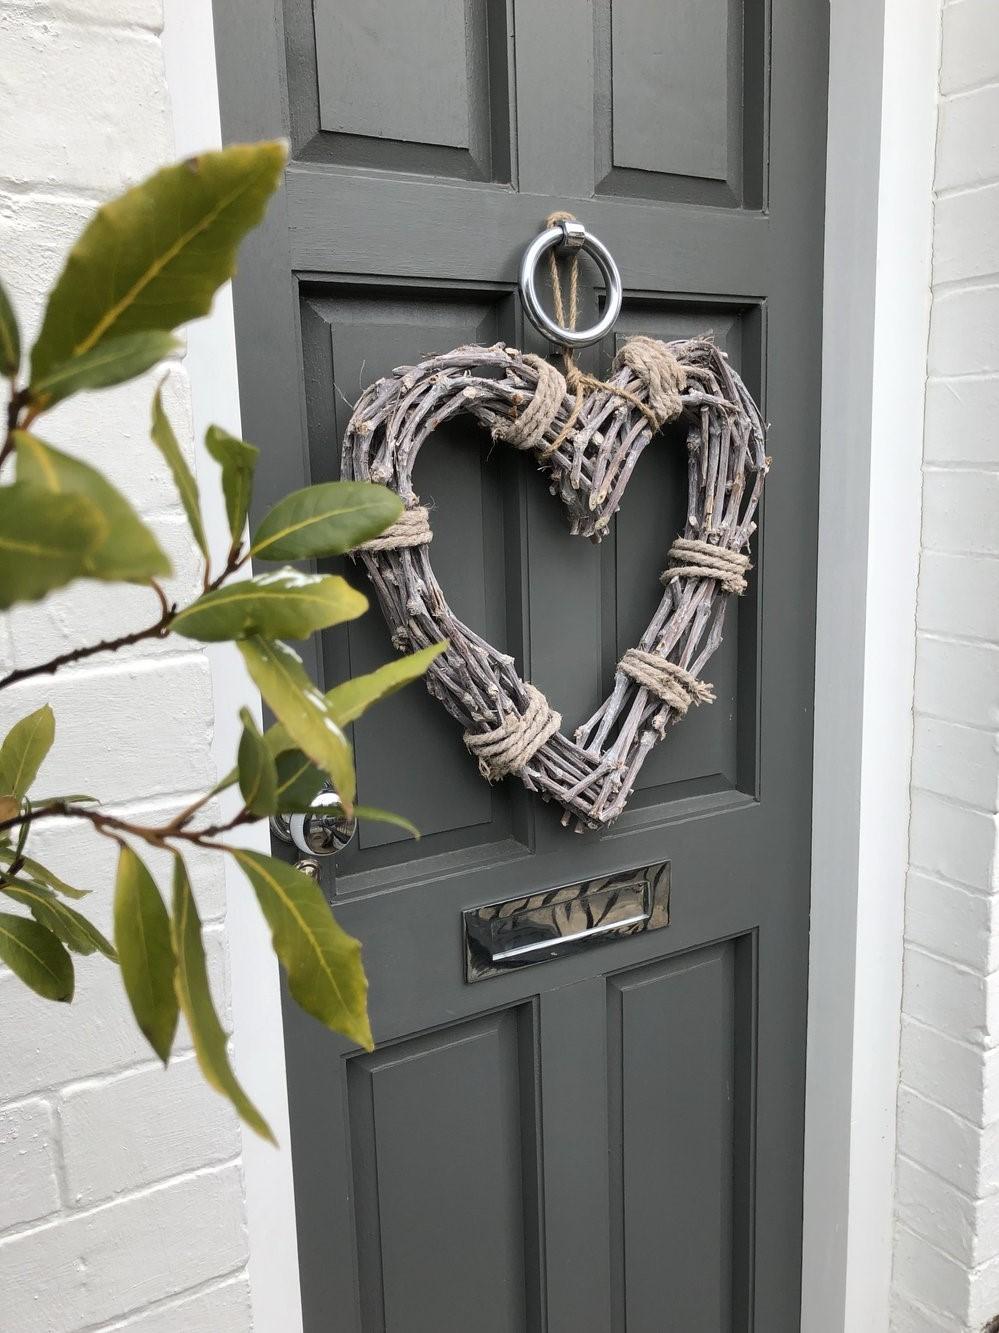 Les décorations simples et bon marché fonctionnent également si elles s'intègrent dans le design de votre porte.